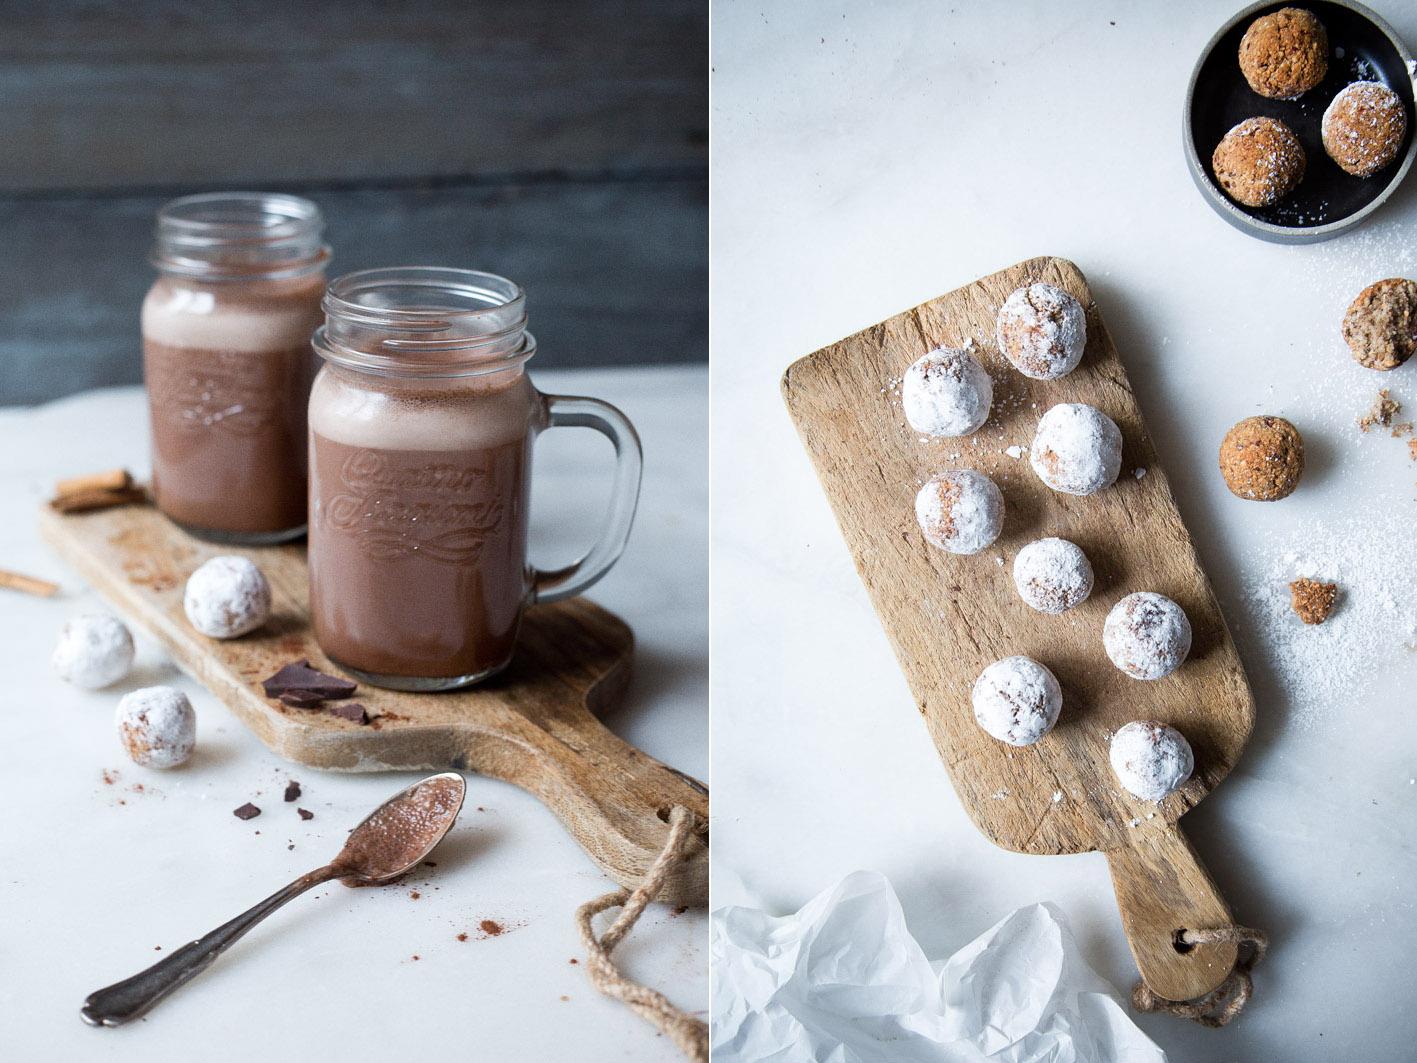 plätzchen und kakao